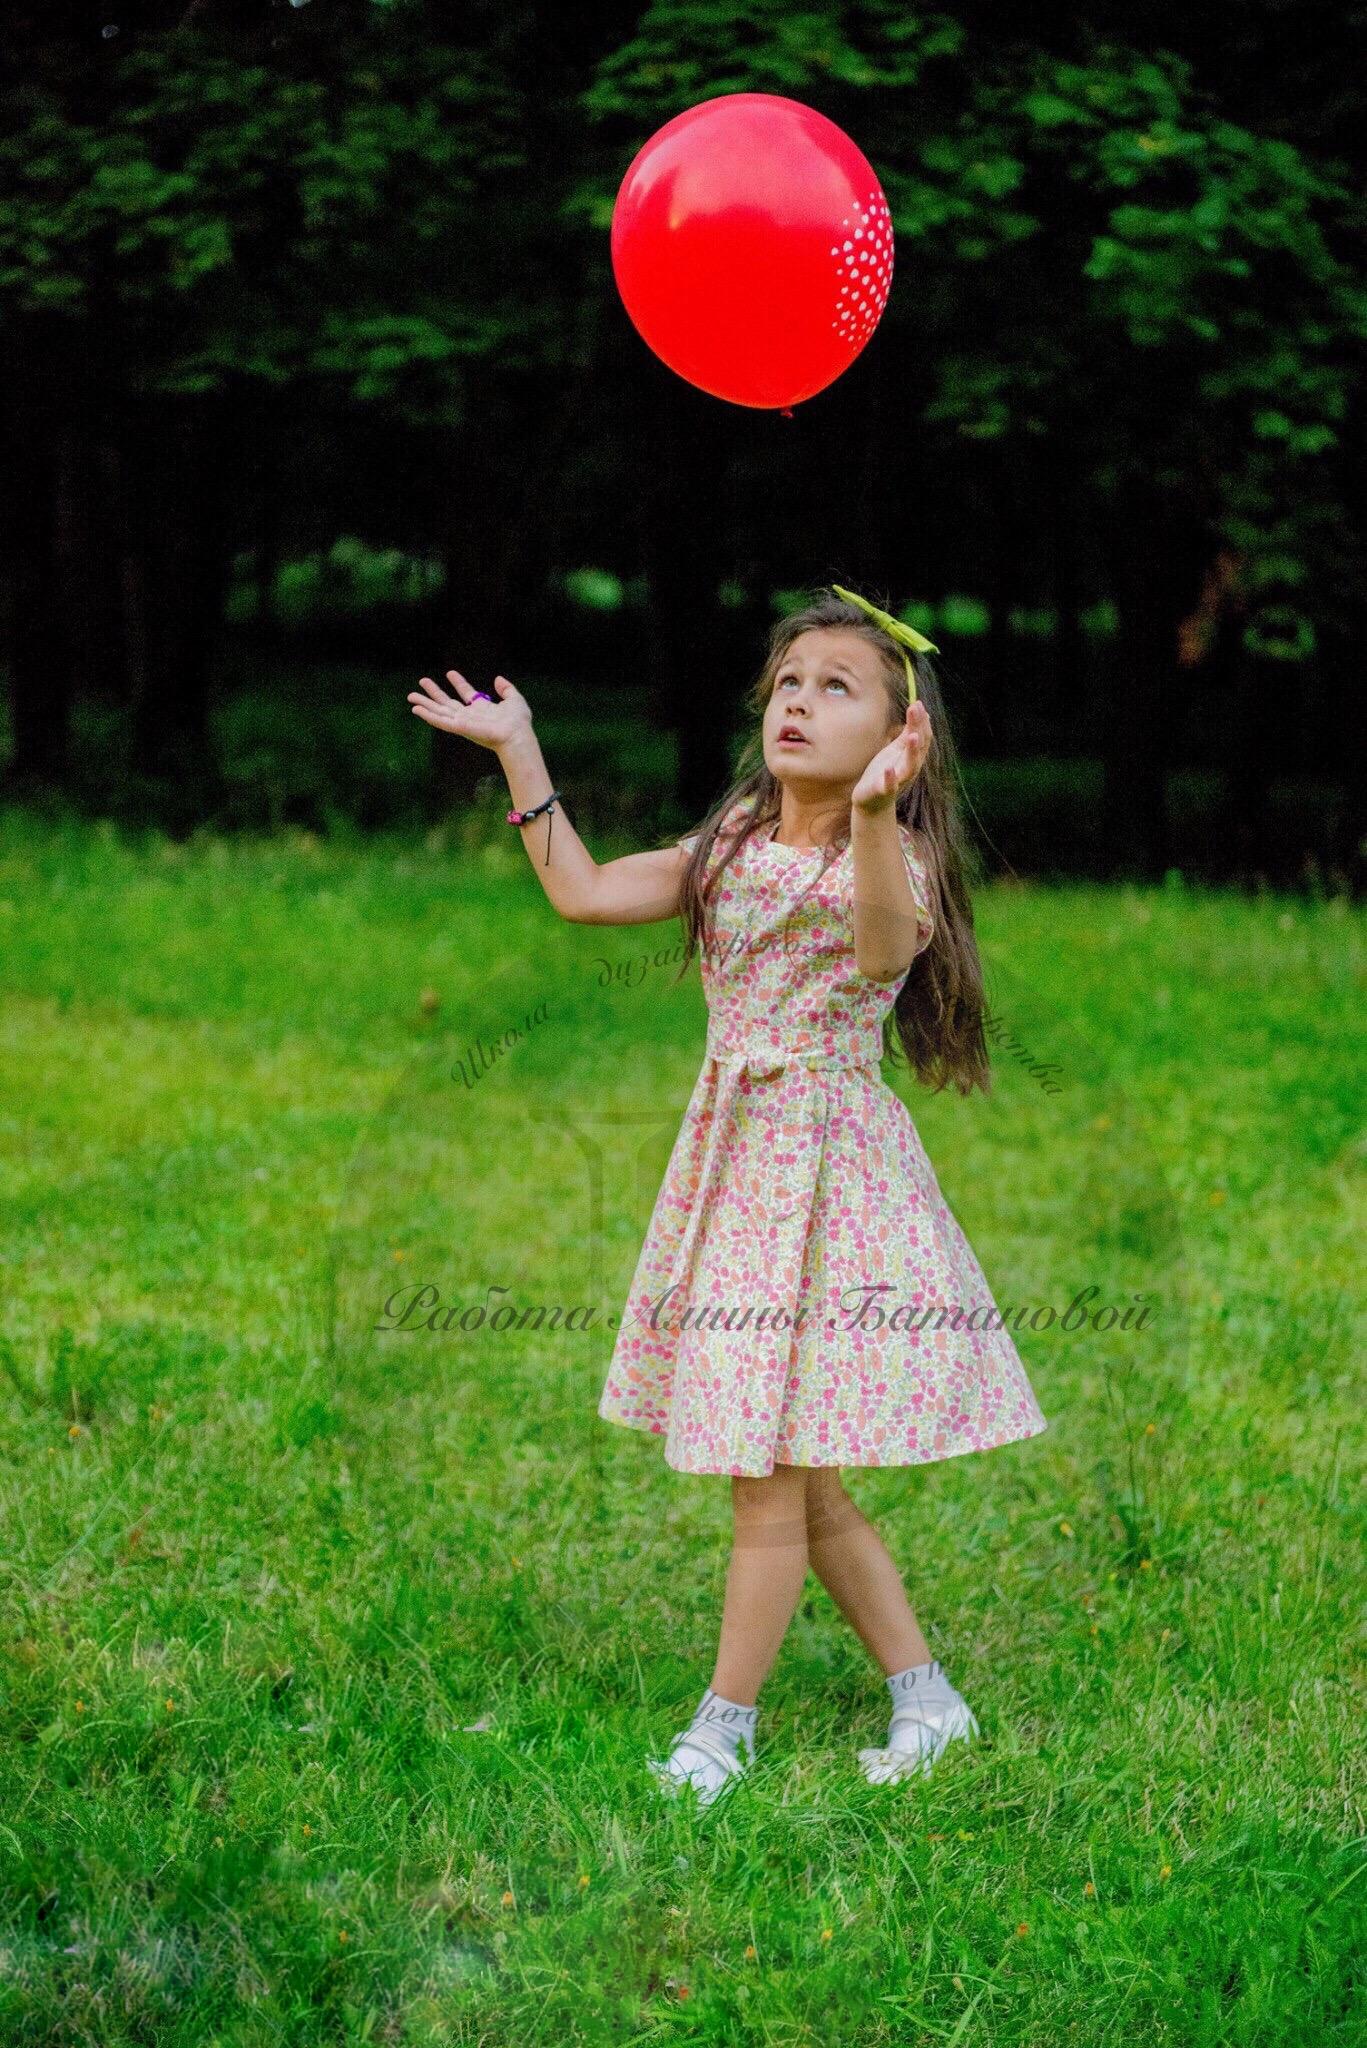 Школа дизайнерского мастерства, курсы шитья, шить самой, шить детское платье